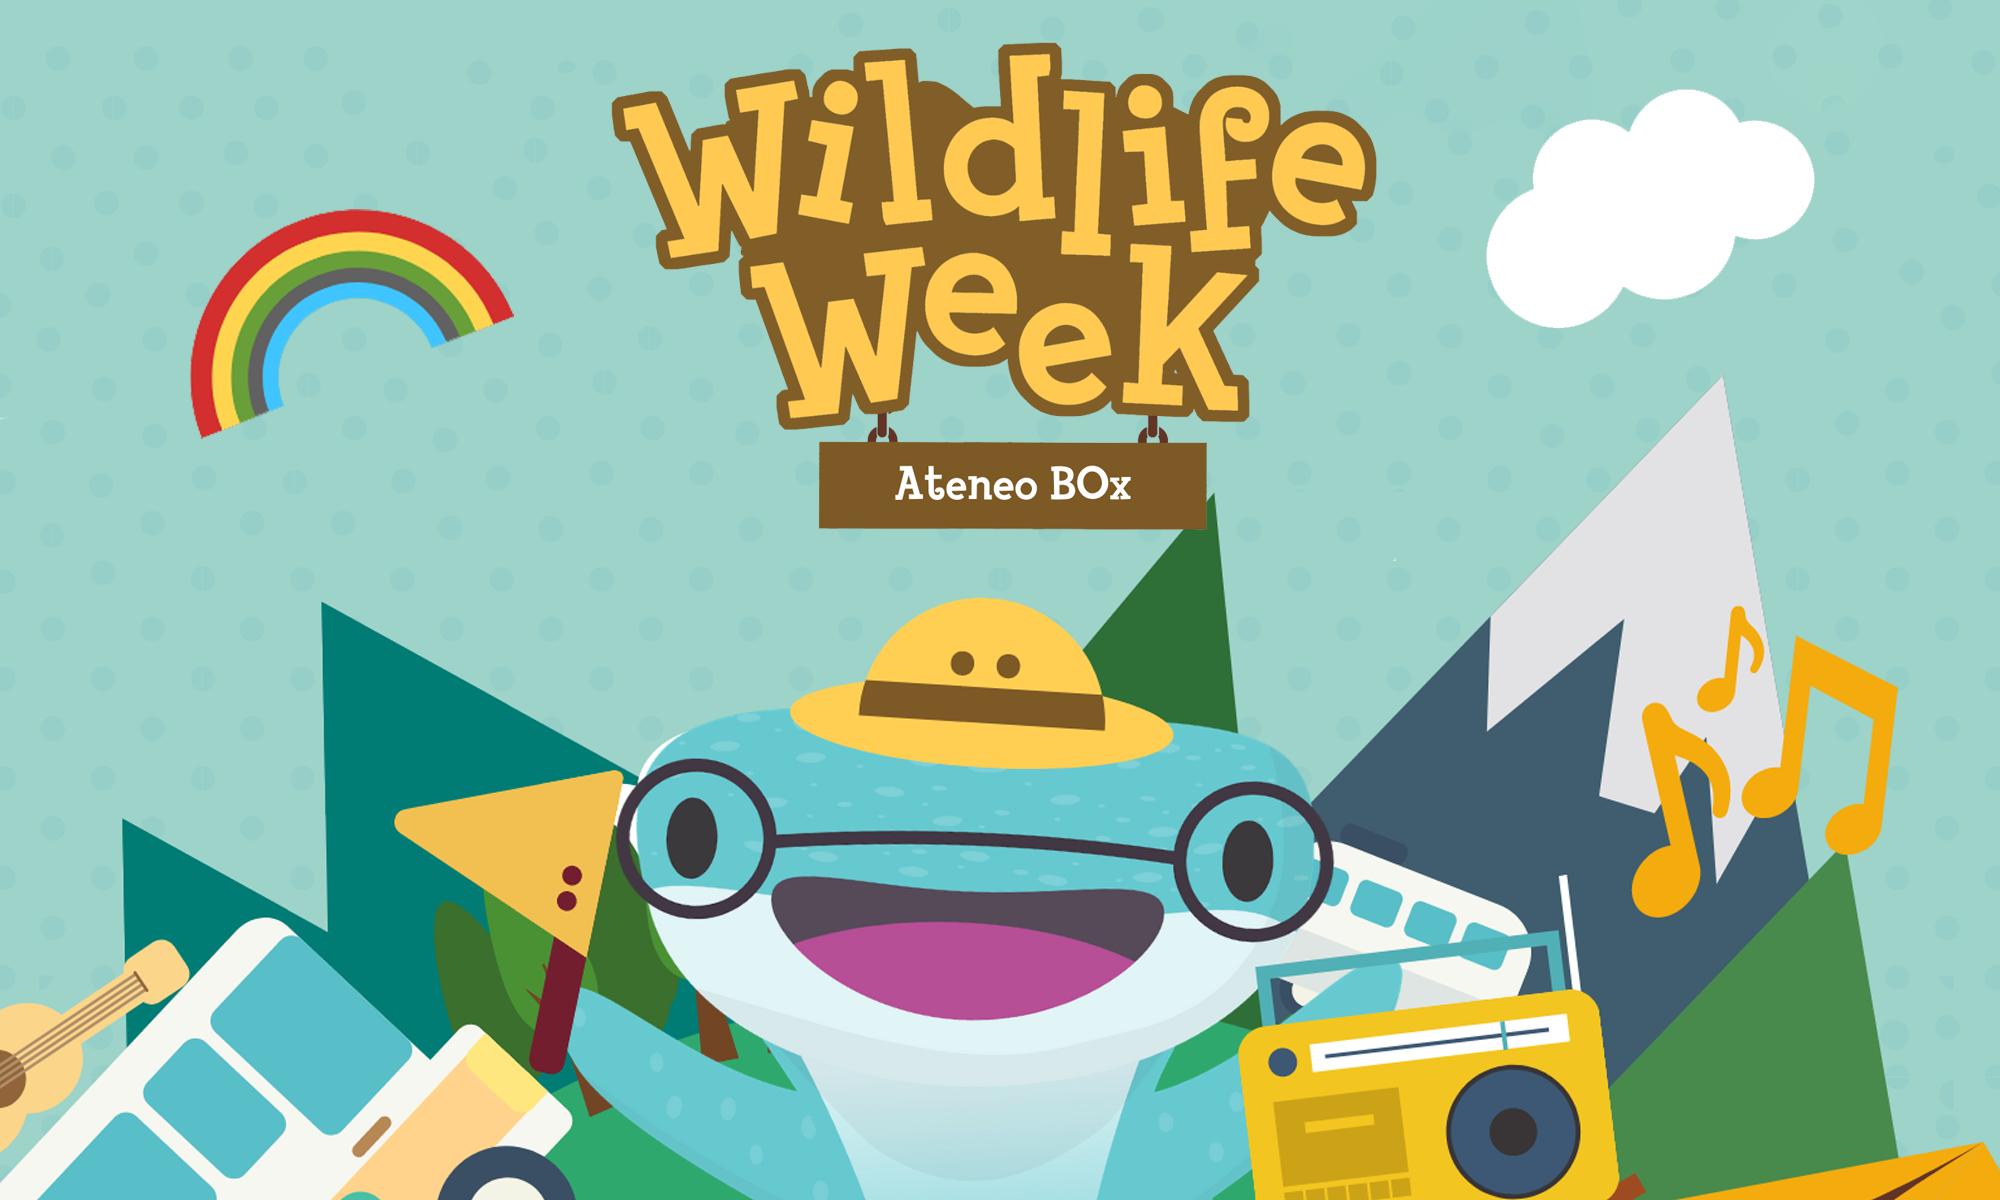 DOA spearheads Wildlife Week 2021